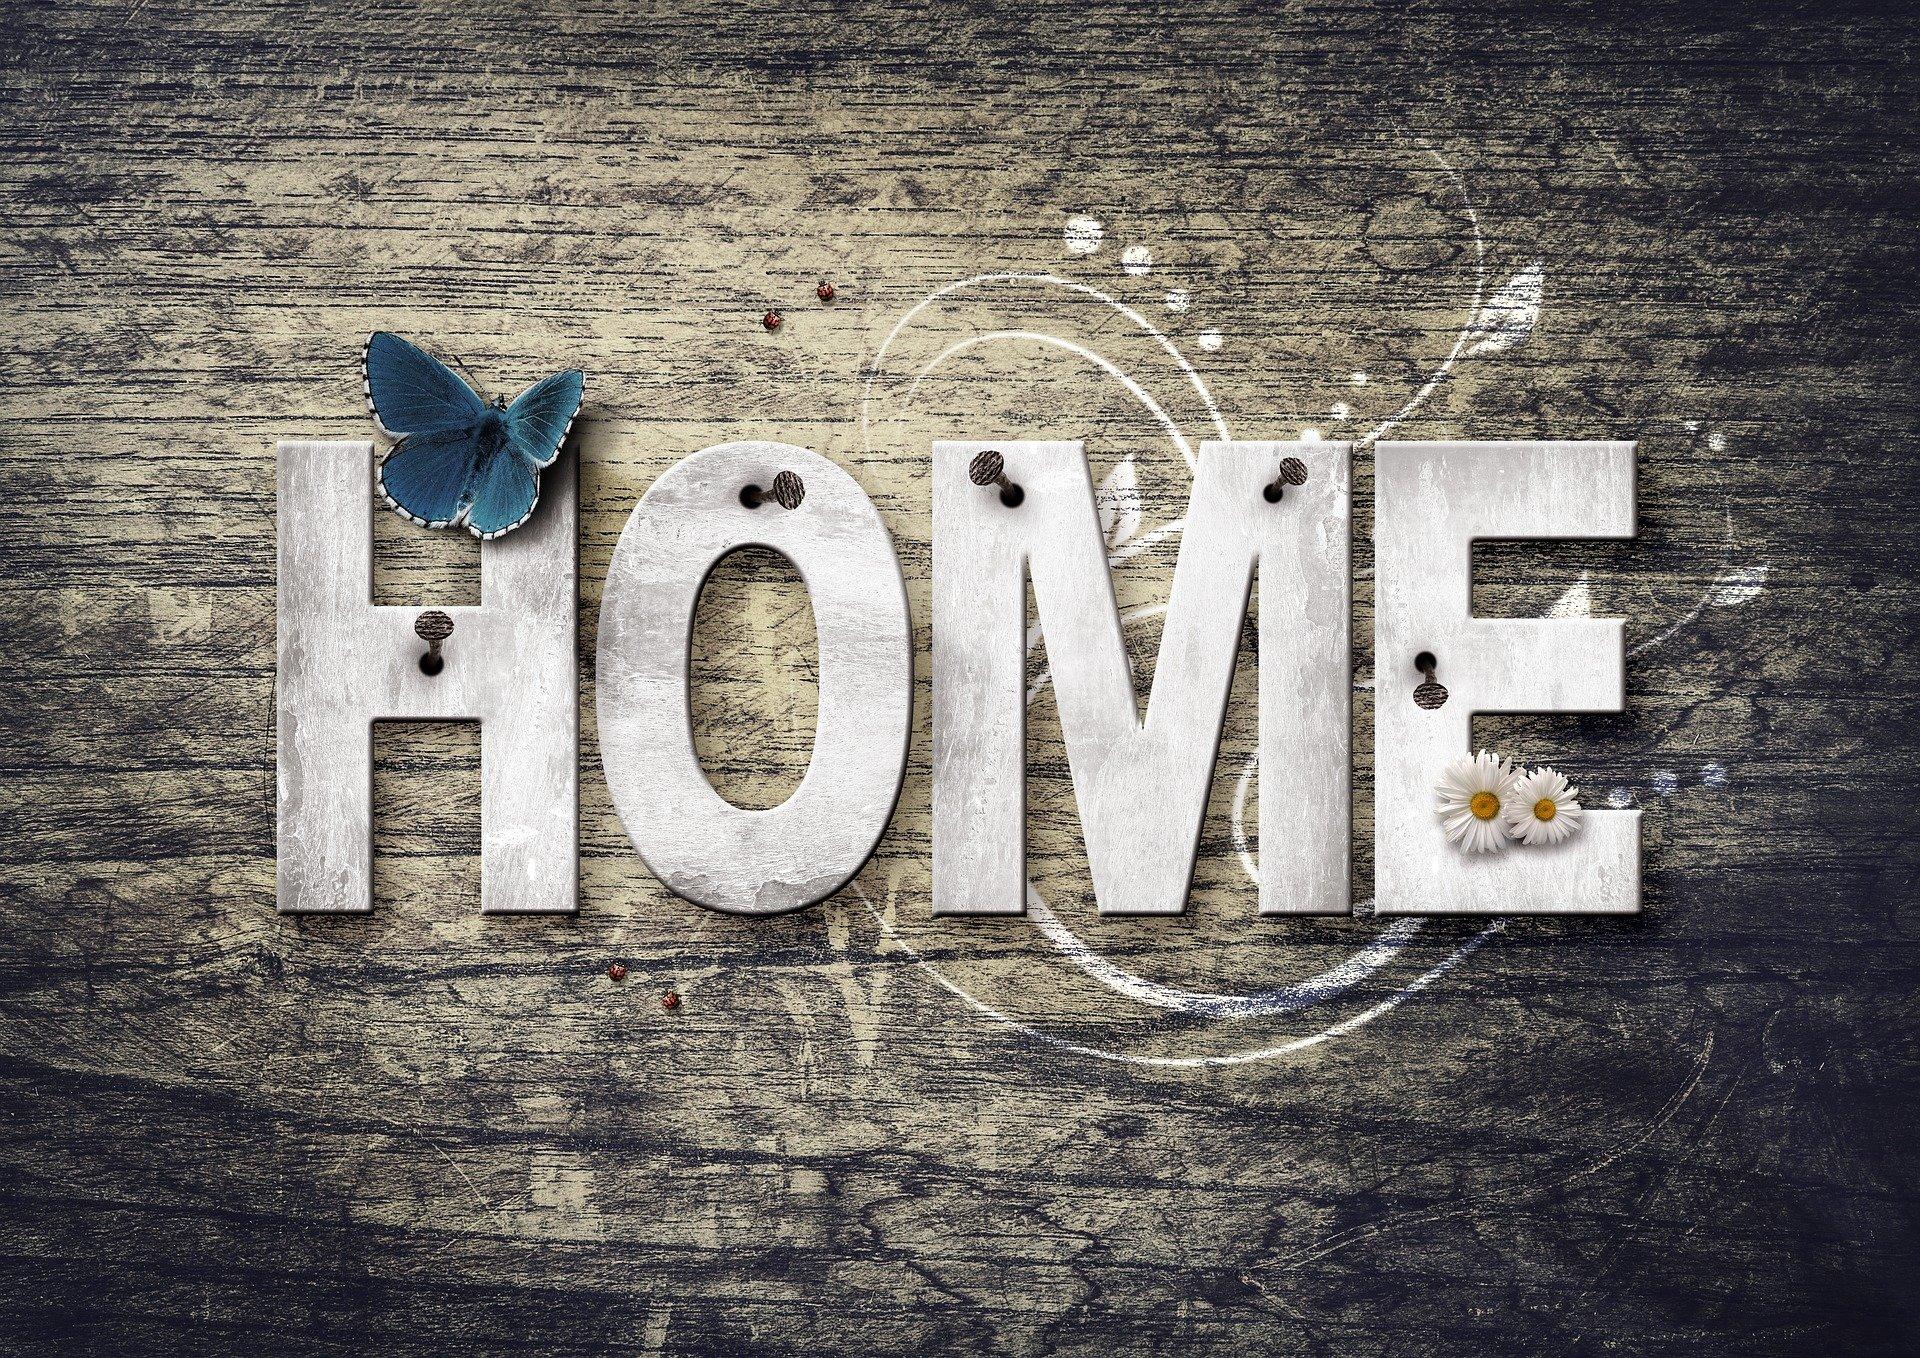 Imagem de Comfreak por Pixabay